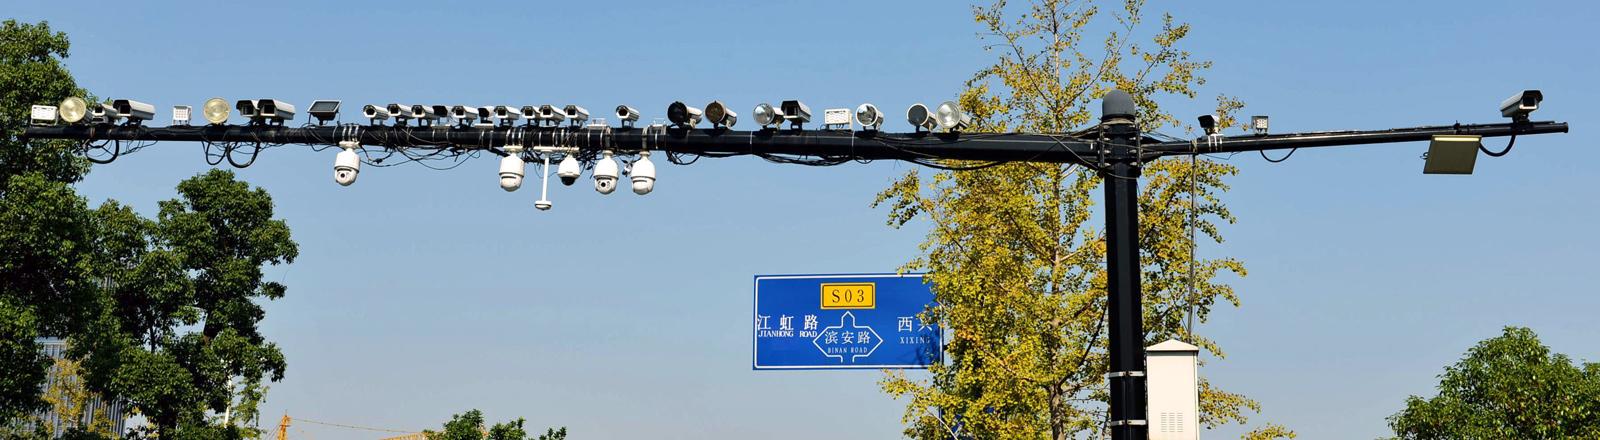 Viele Kameras an einem Masten in China.